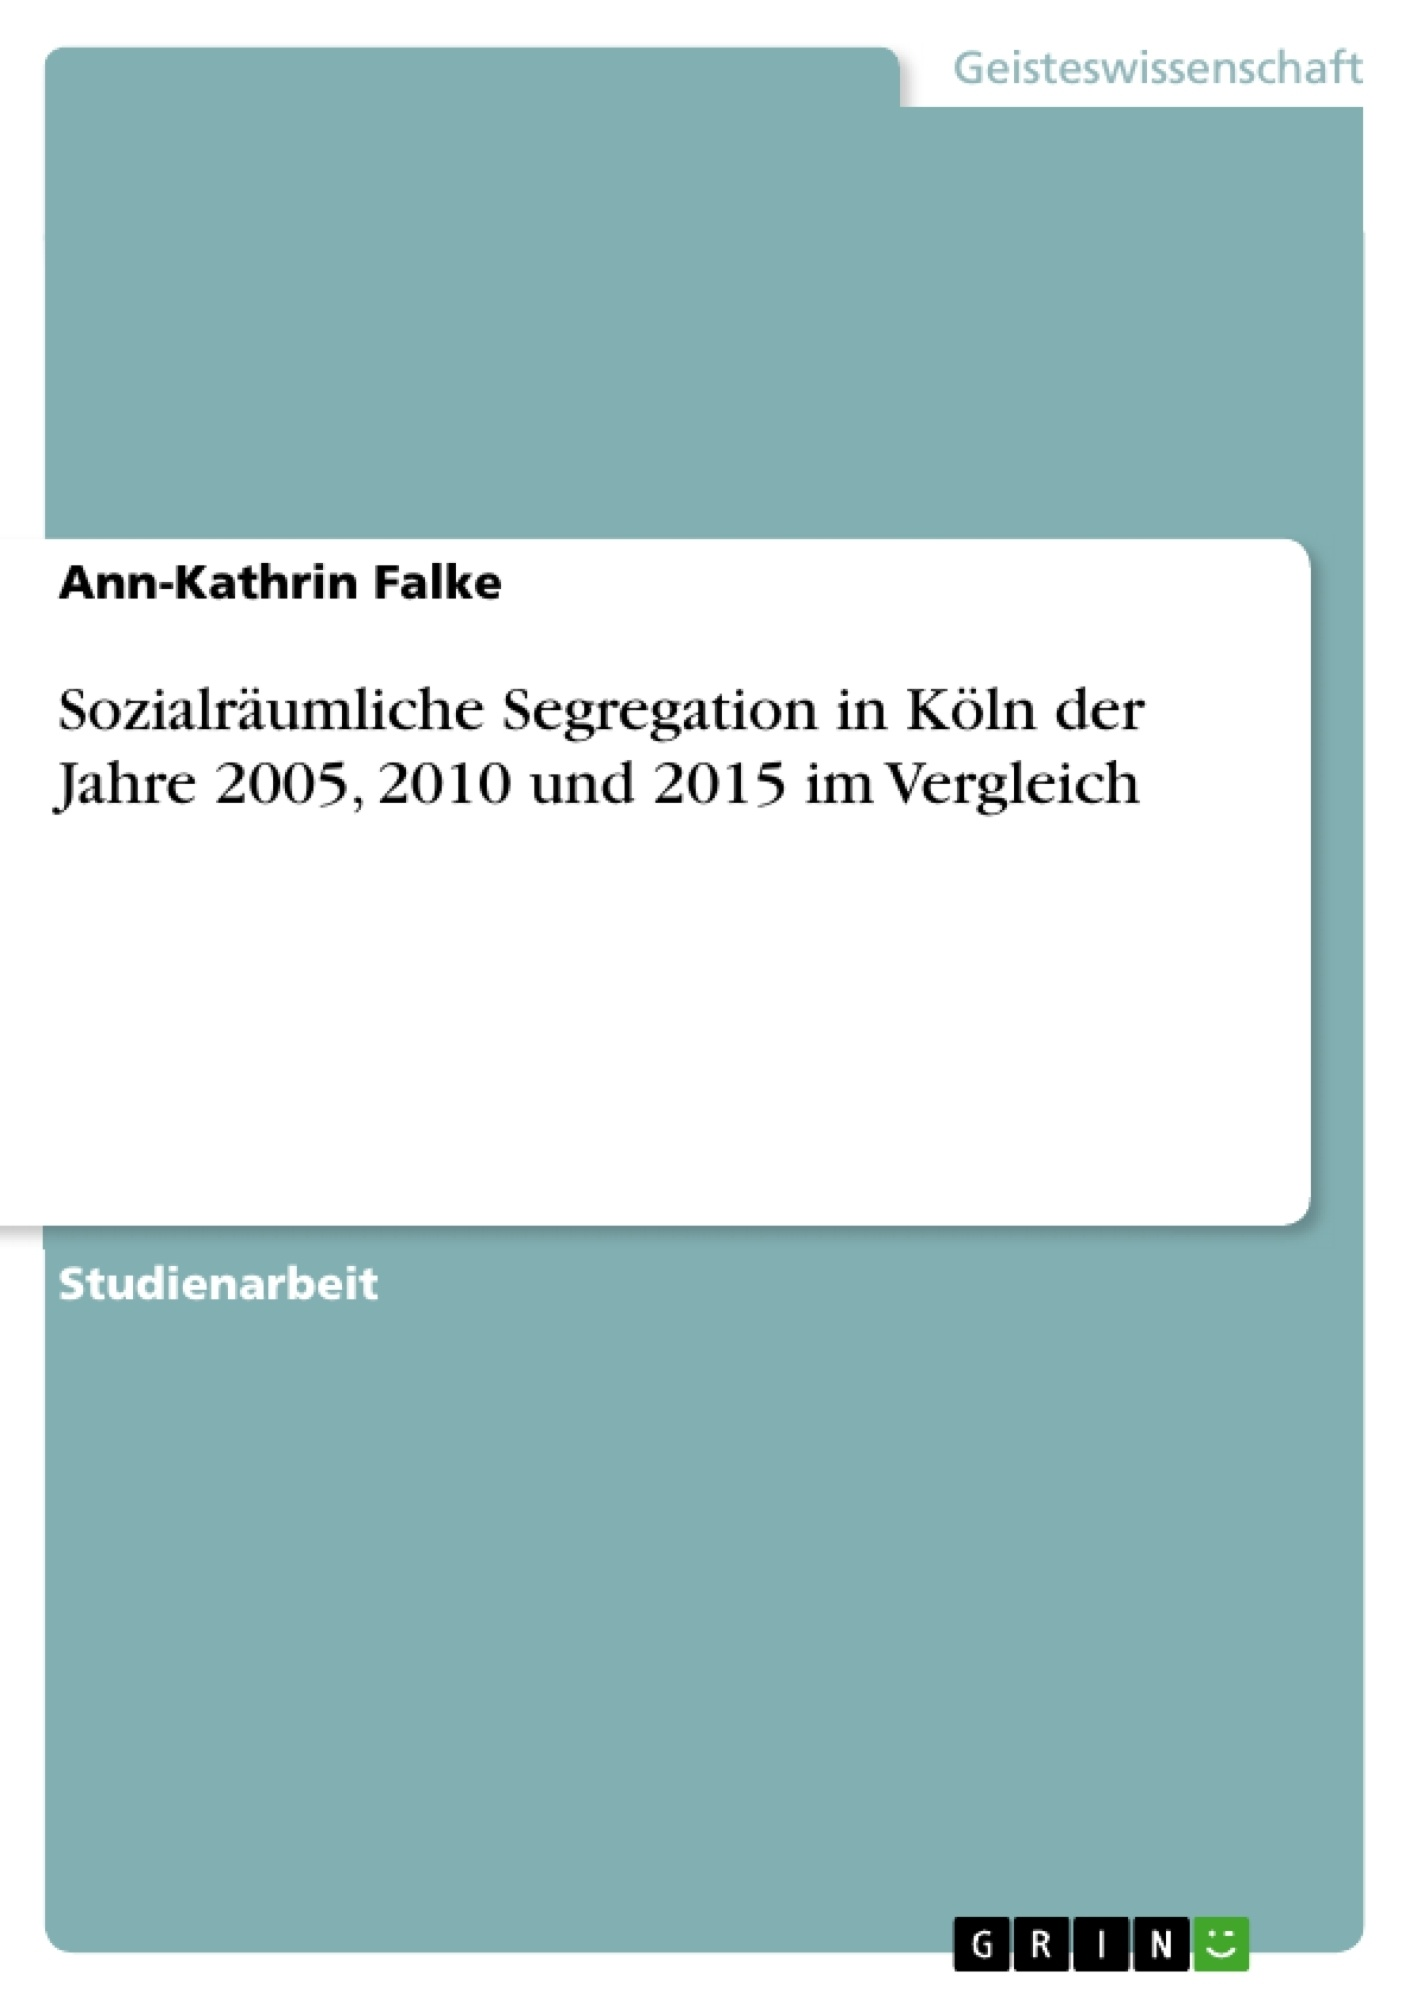 Titel: Sozialräumliche Segregation in Köln der Jahre 2005, 2010 und 2015 im Vergleich